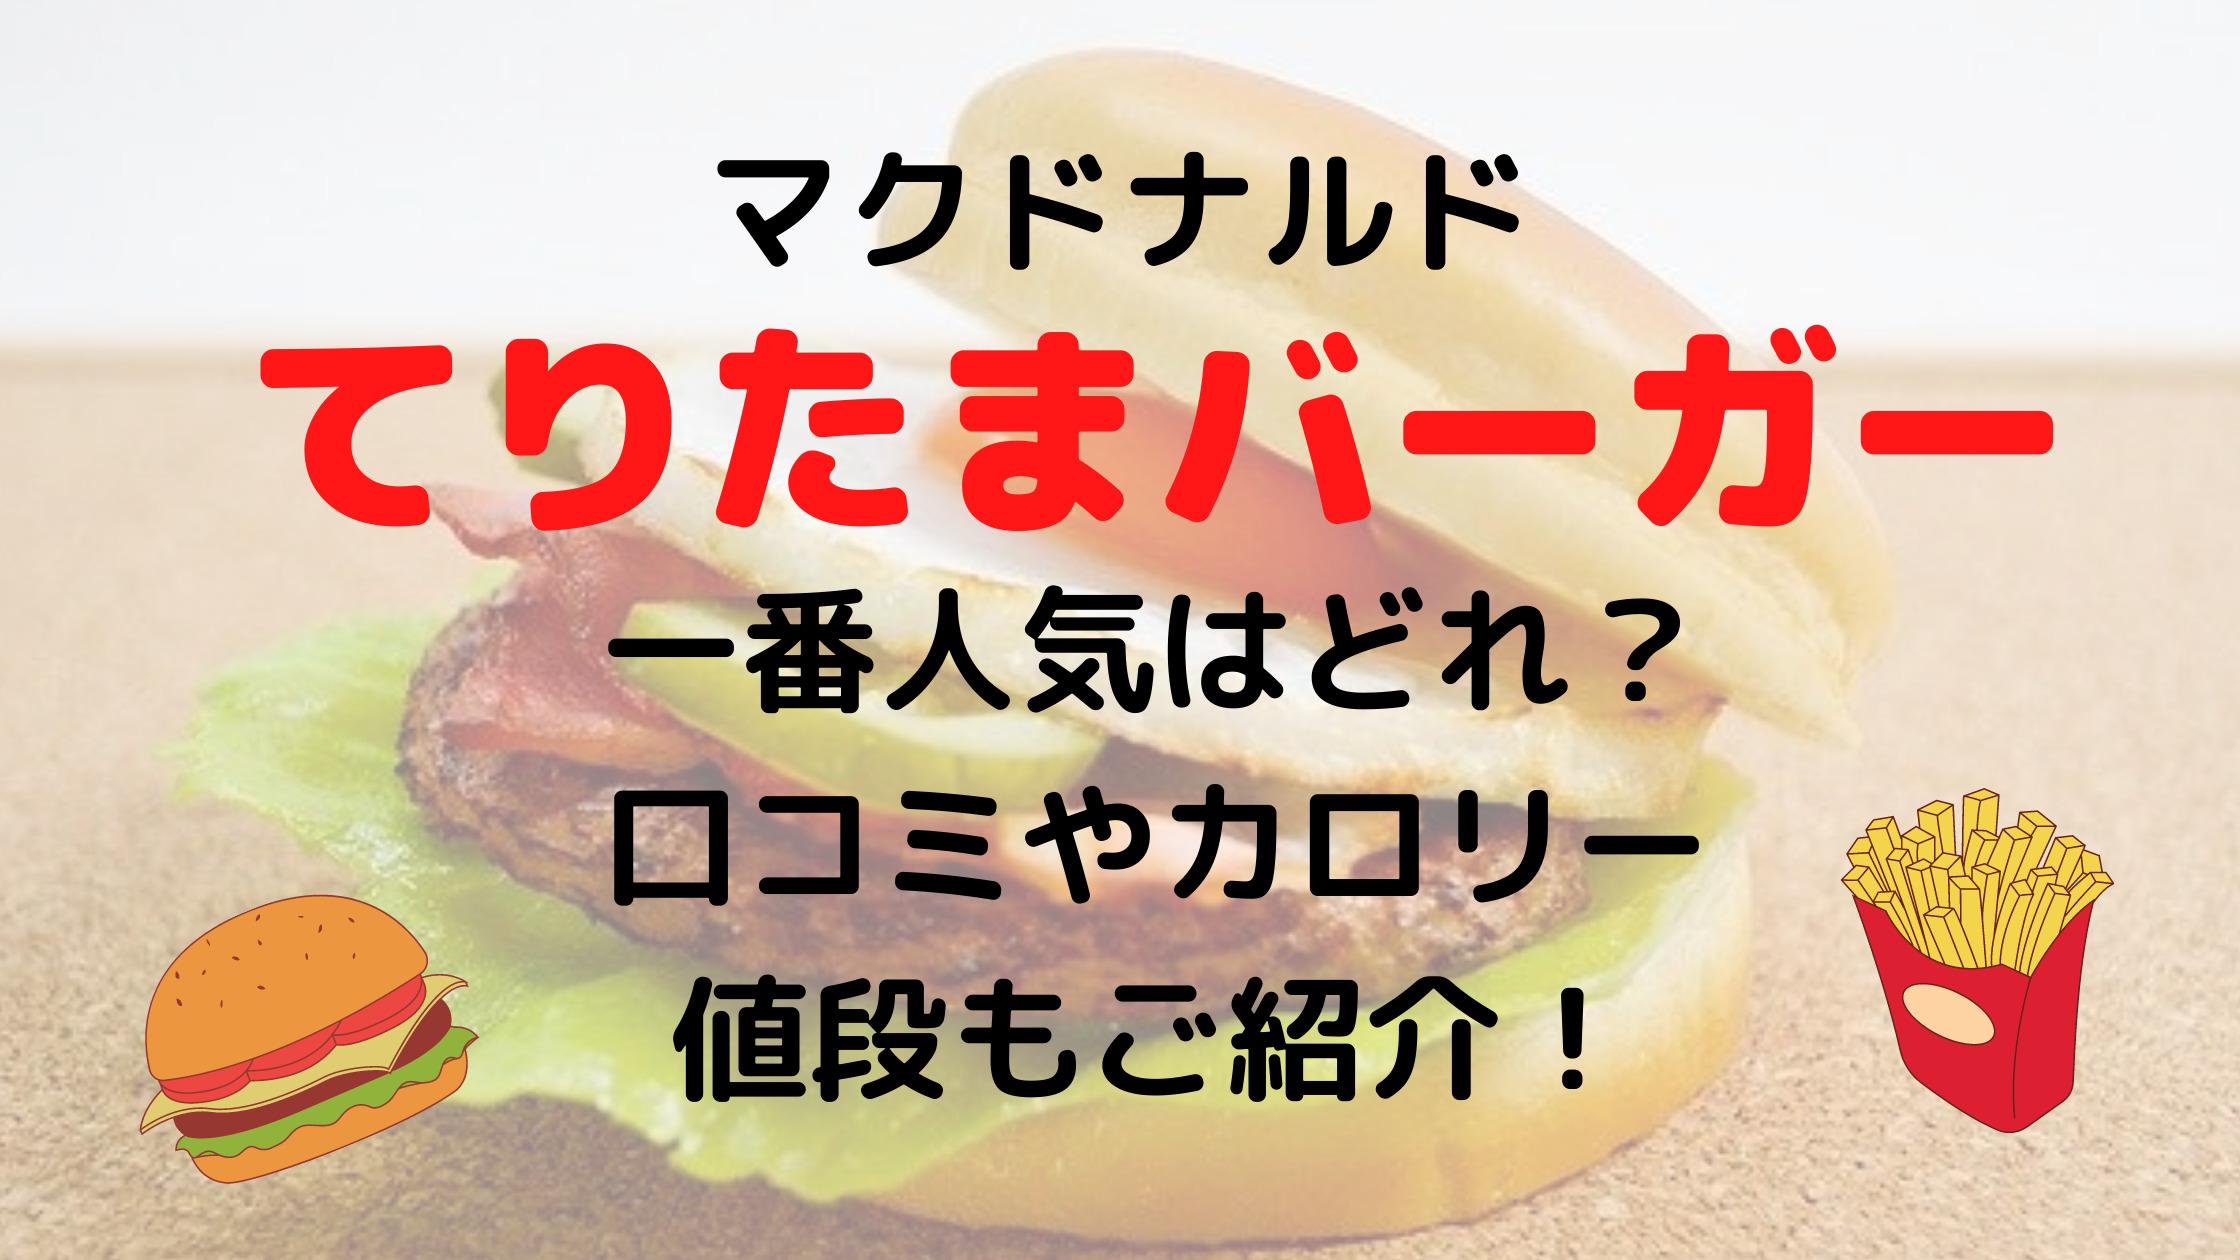 てりたまバーガーの一番人気の画像